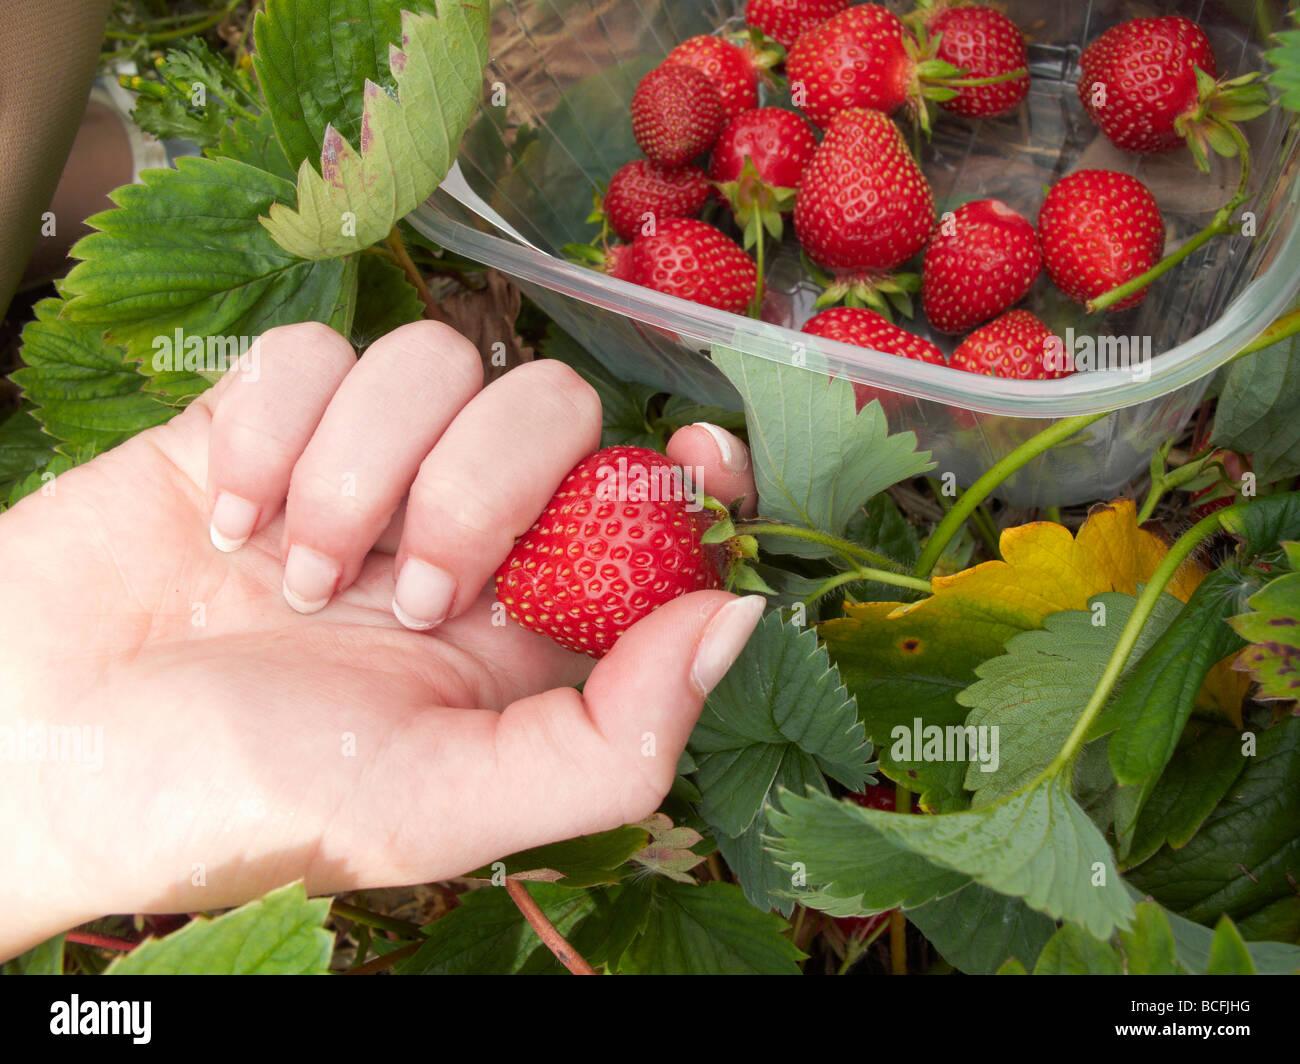 Close up of hand holding a stawberry par un conteneur Photo Stock